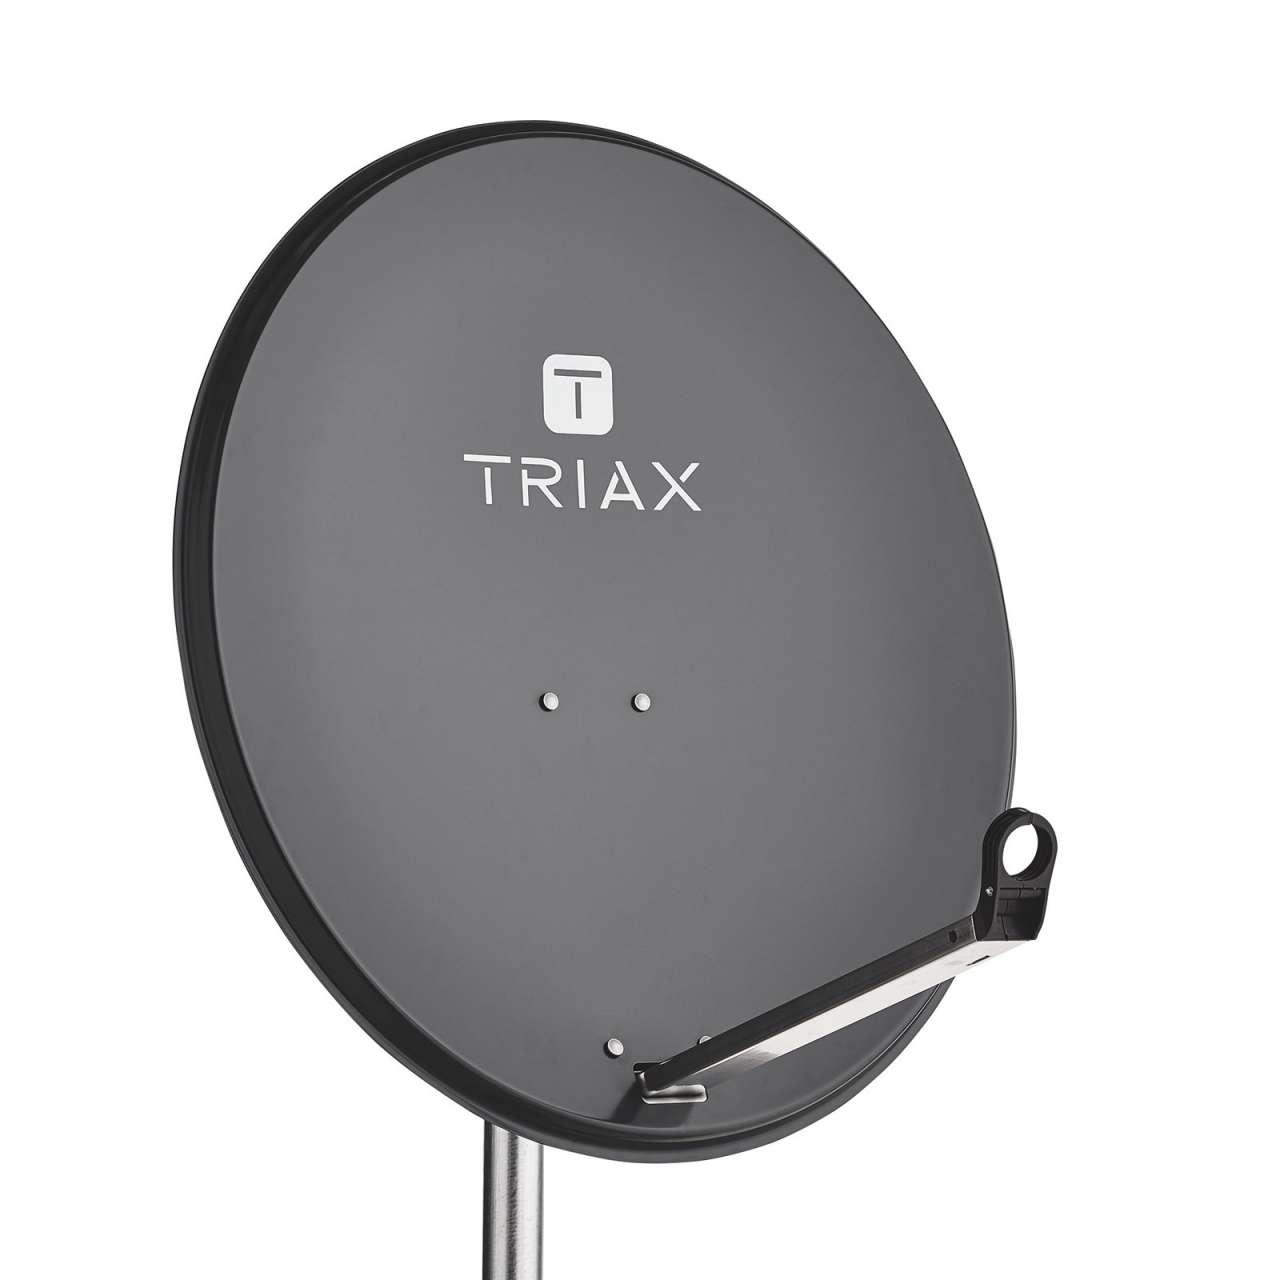 TRIAX TDS 80A Sat Antenne Stahl 80cm Anthrazit Satelliten Spiegel RAL 7016 ANTTRIA03